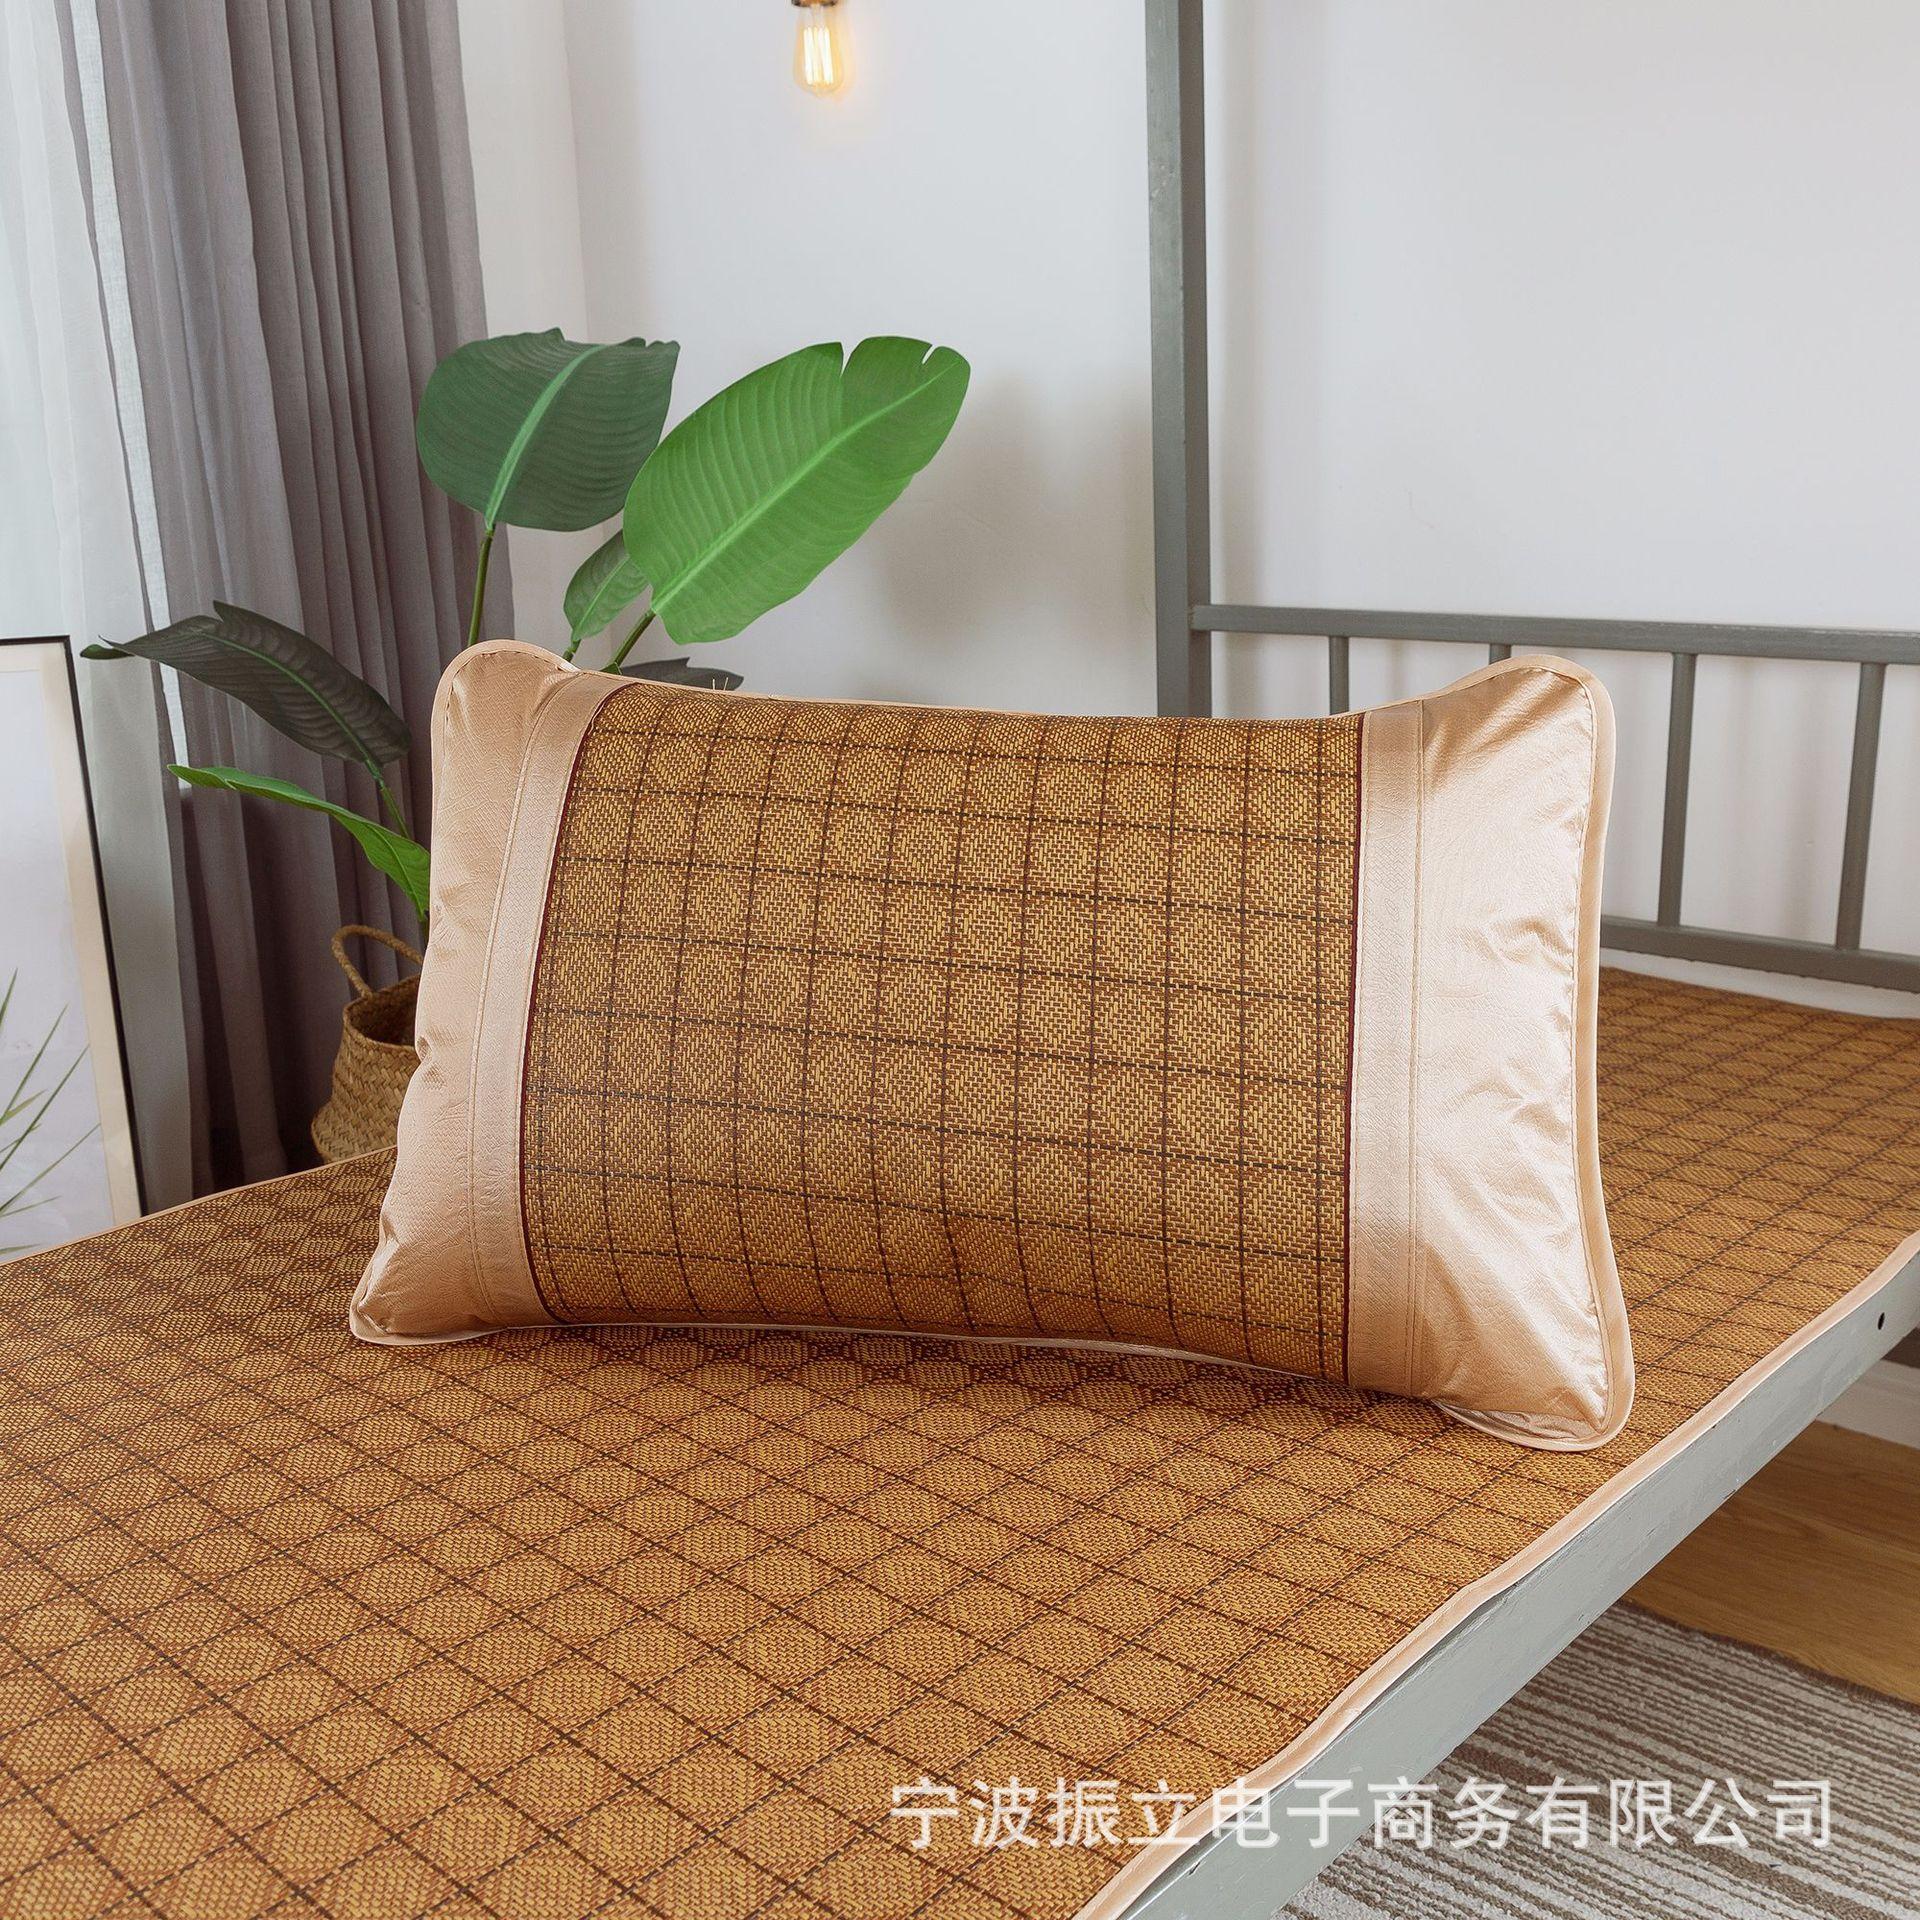 厂家批发夏凉枕套冰丝藤席单双人枕席 夏天枕头套凉枕套 一件代发